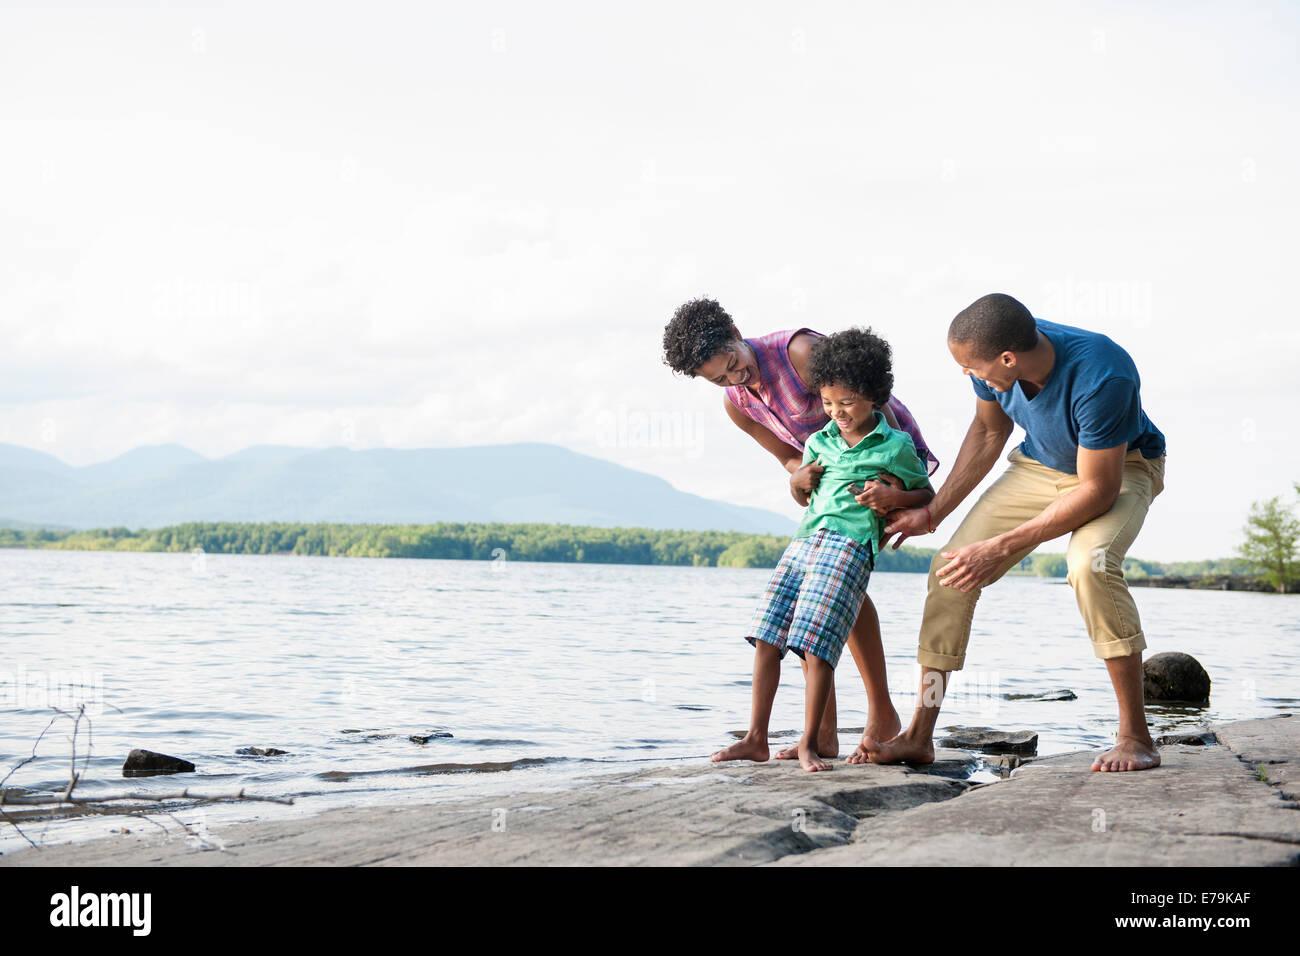 Familie, Mutter, Vater und Sohn spielen am Ufer eines Sees. Stockfoto